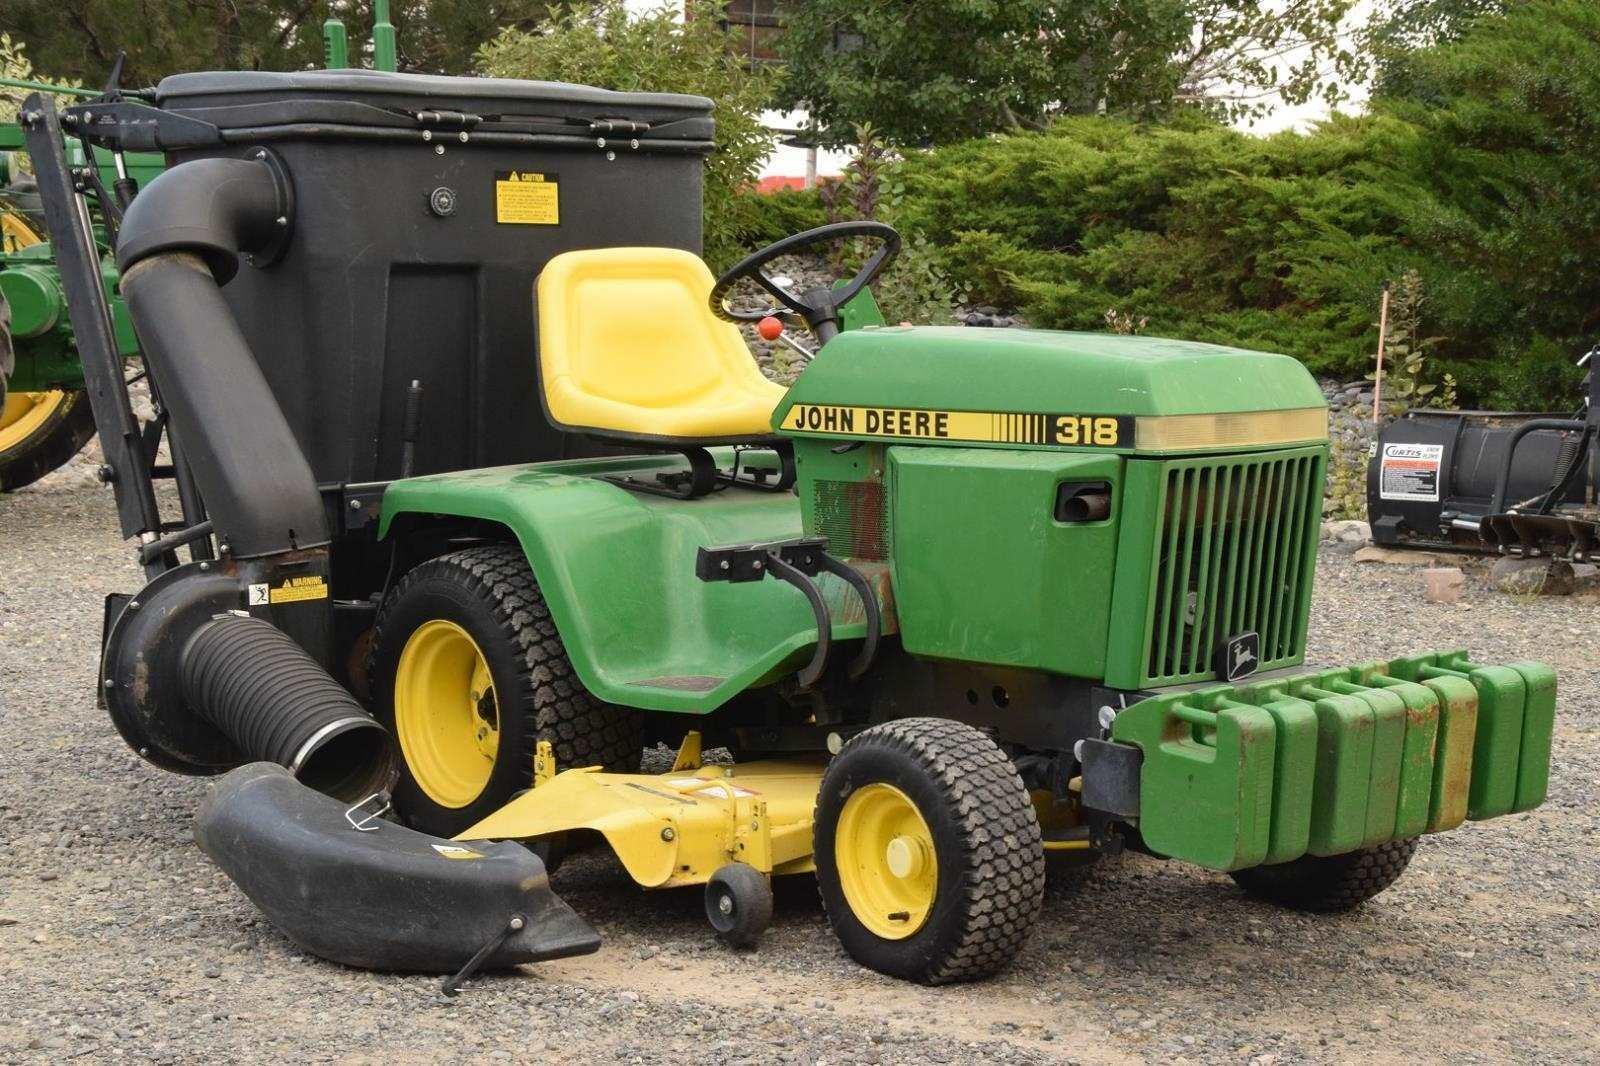 John Deere 318 >> John Deere 318 Lawn Tractor Musser Bros Inc